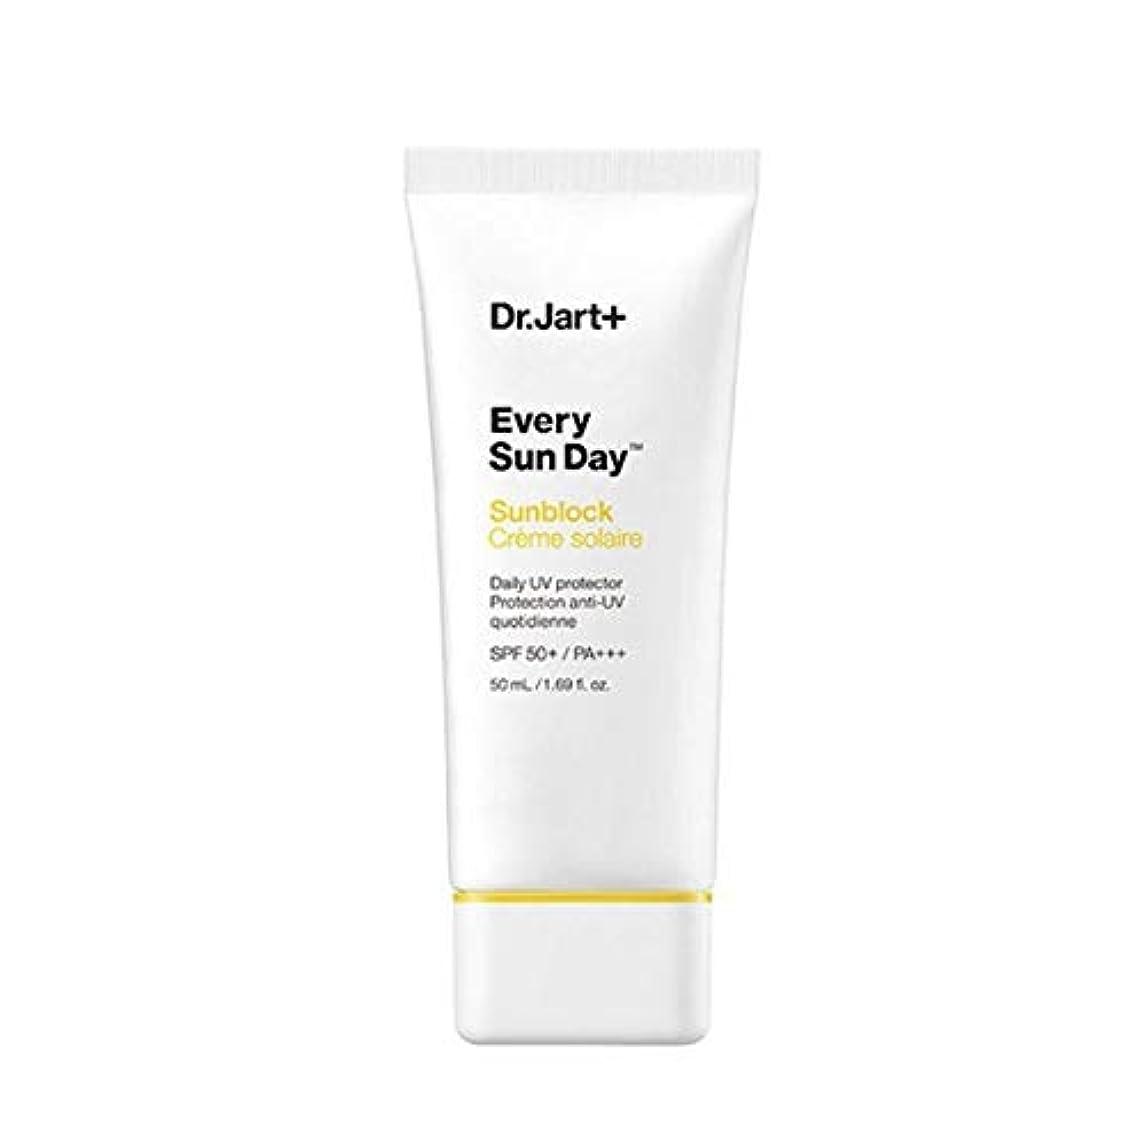 発見する活性化する逃げるドクタージャルトゥエブリサンデーサンブロック50mlサンクリーム韓国コスメ、Dr.Jart Every Sun Day Sun Block 50ml Sun Cream Korean Cosmetics [並行輸入品]